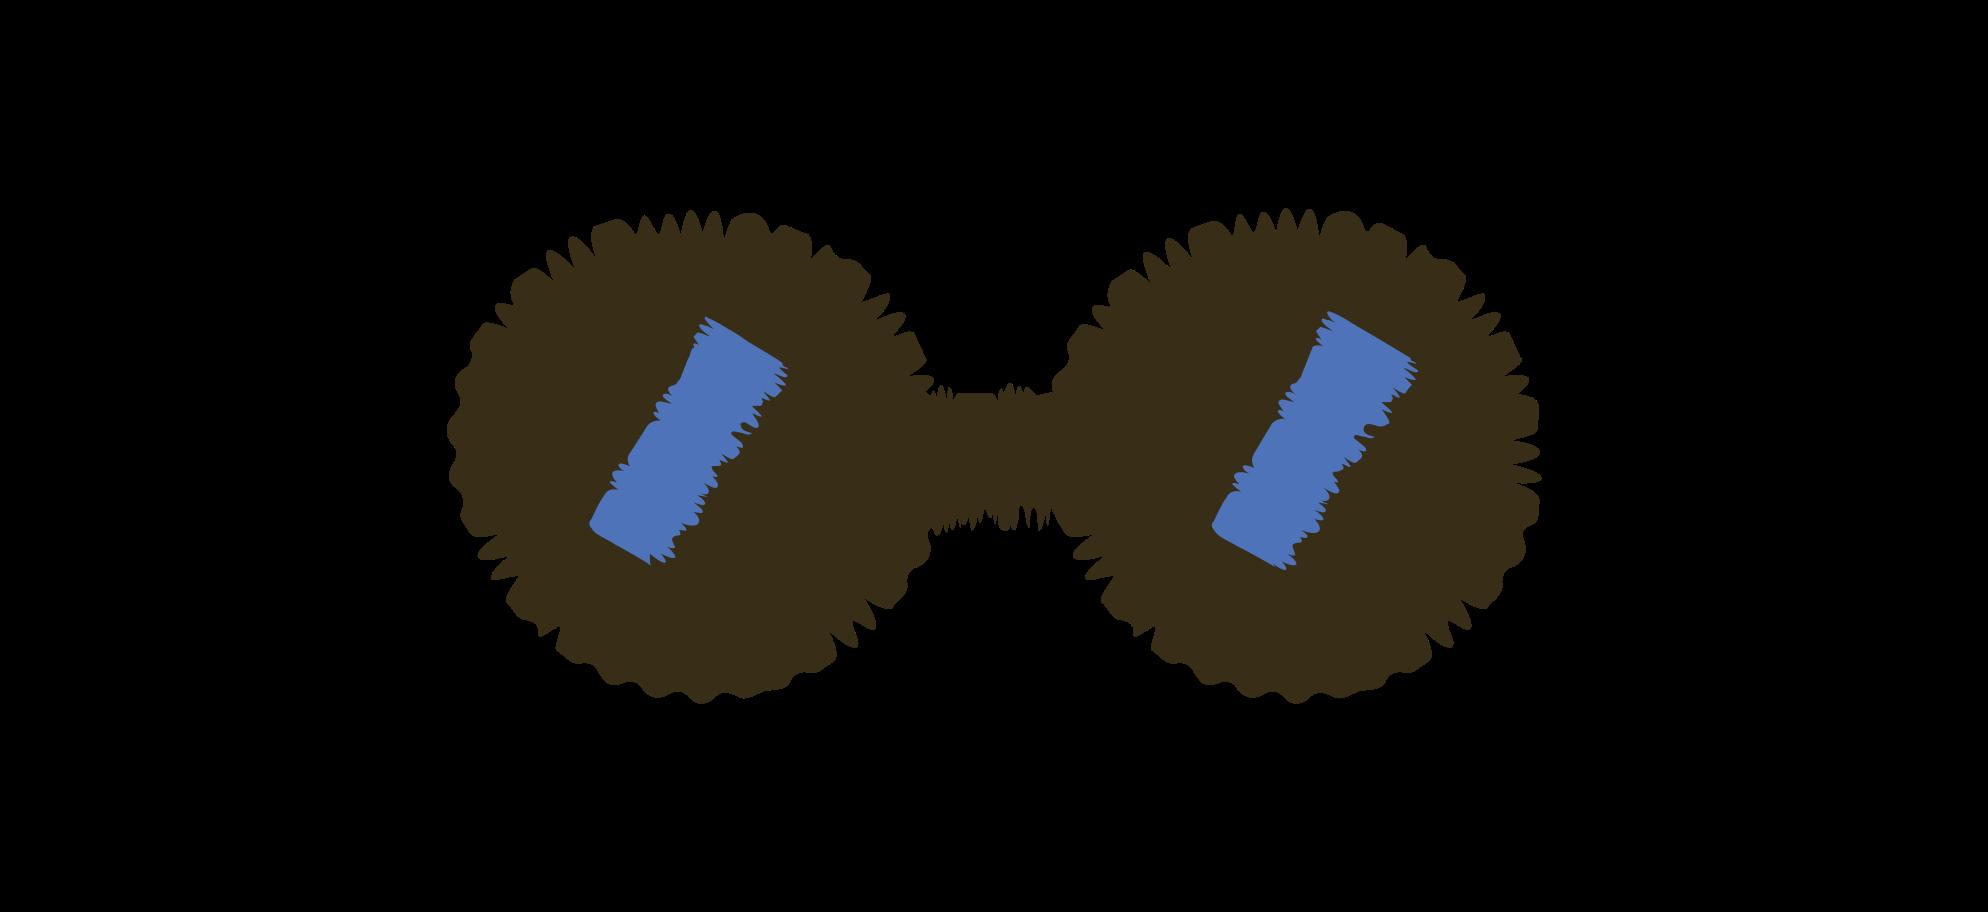 PNGとSVGの  スタイルの 眼鏡 ベクターイメージ | Icons8 イラスト